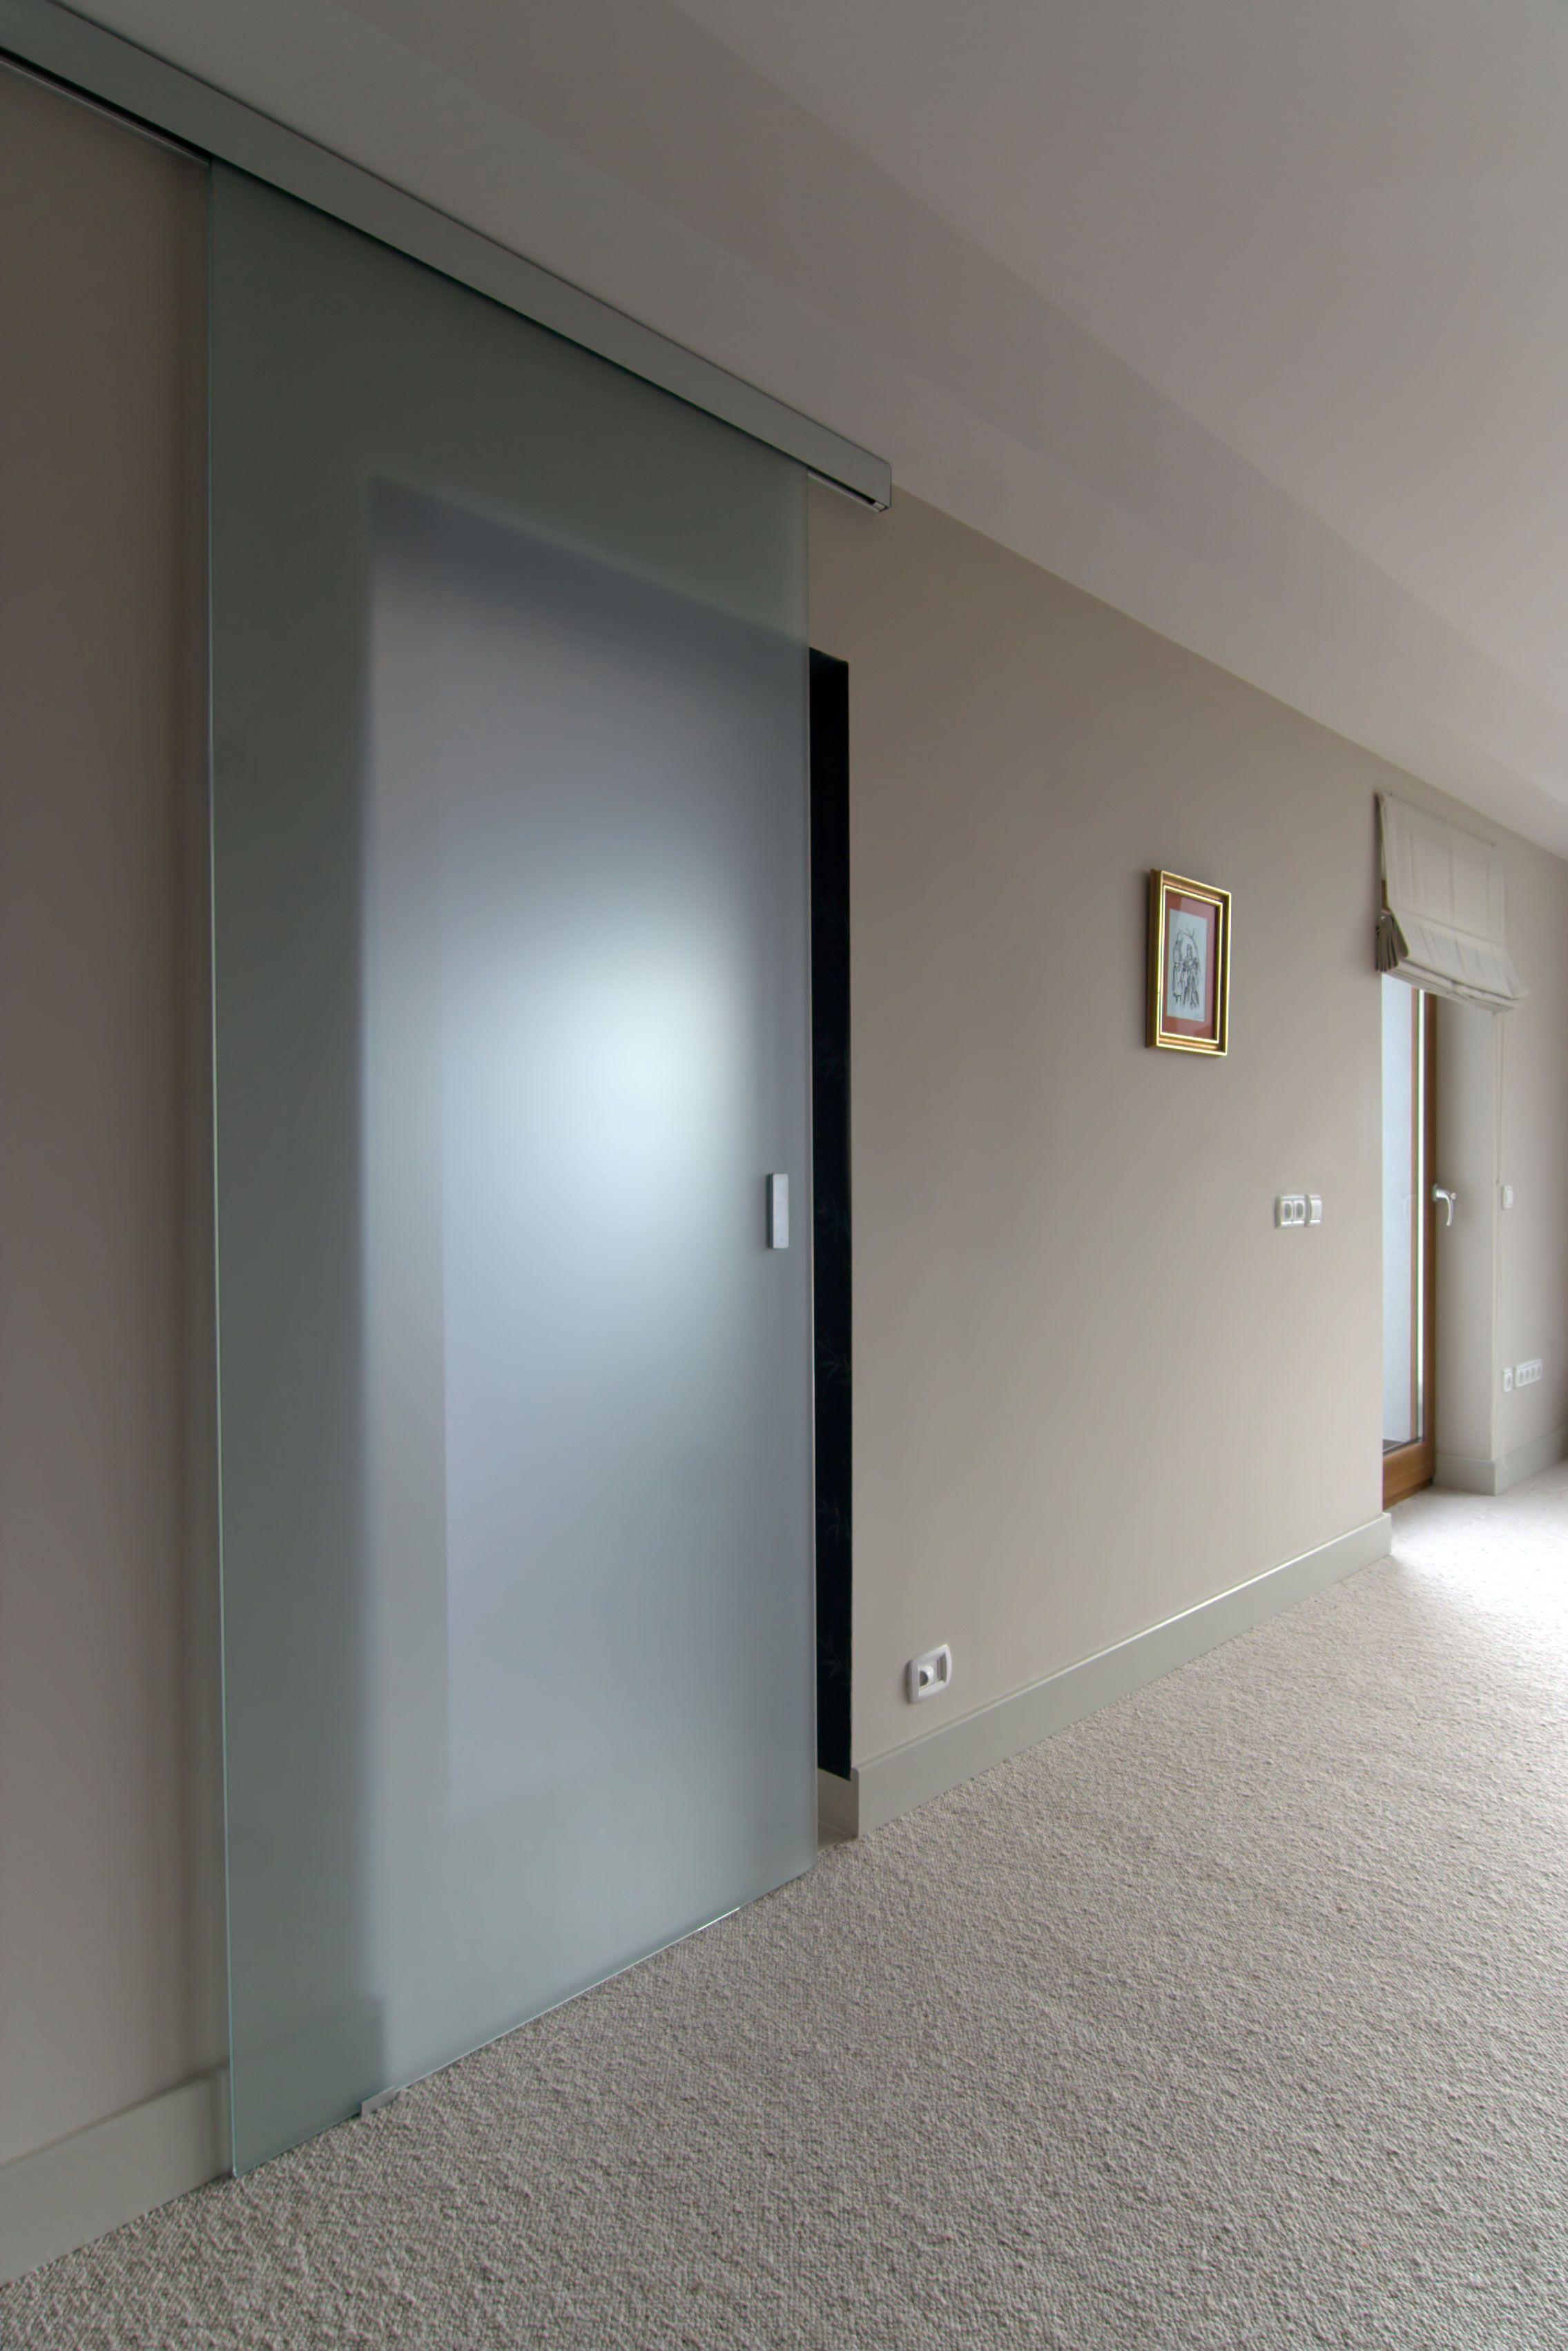 Puerta vidrio ba o bathroom door glass selecciones for Puertas correderas de cristal